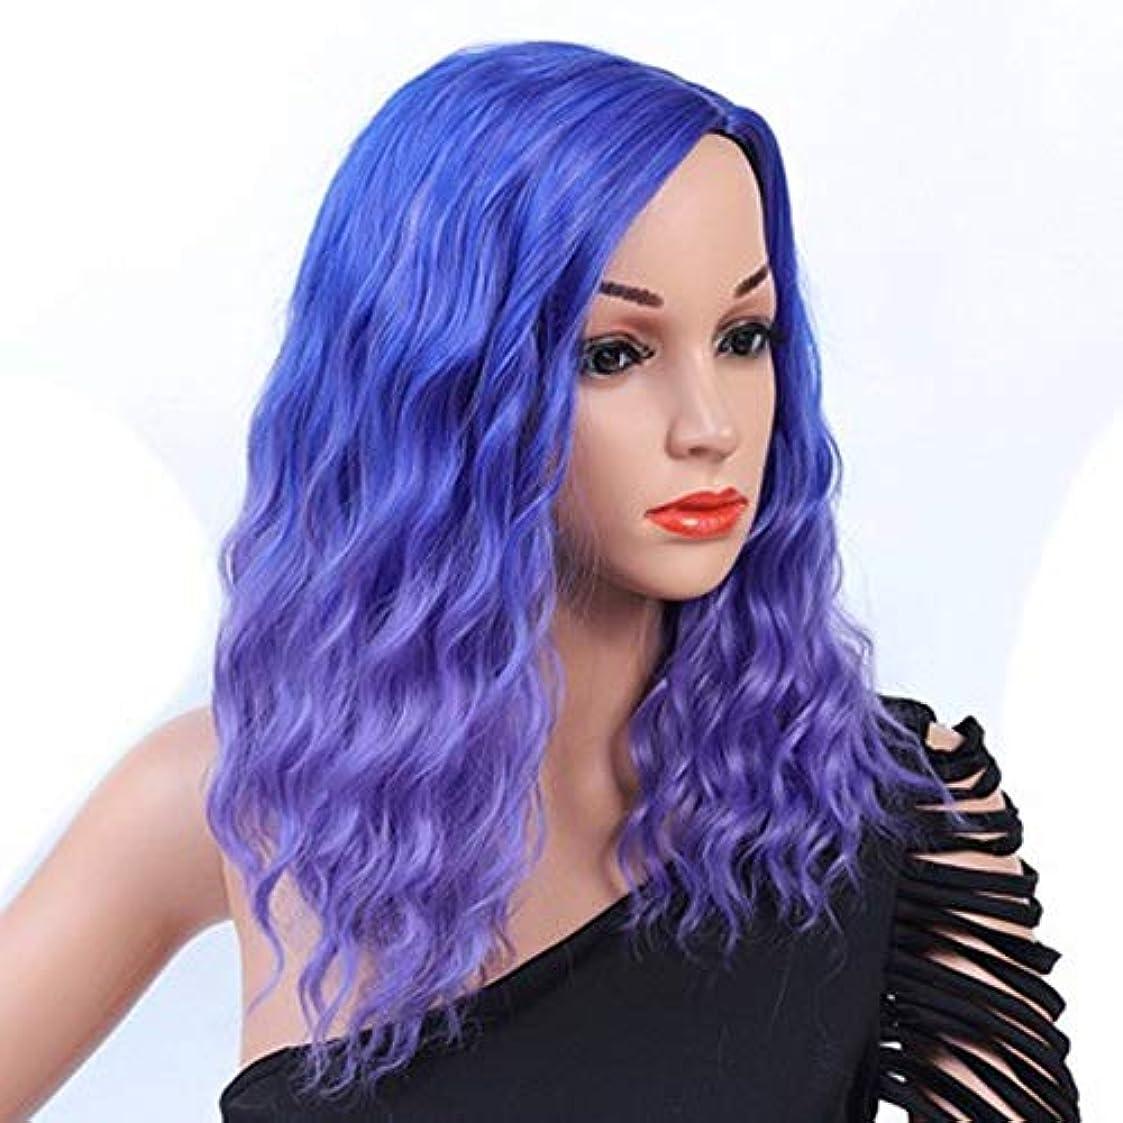 マラソン結果解決する女性のための色のかつら長いウェーブのかかった髪、高密度温度合成かつら女性のグルーレスウェーブのかかったコスプレヘアウィッグ、女性のための耐熱繊維の髪のかつら、青いウィッグ18インチ